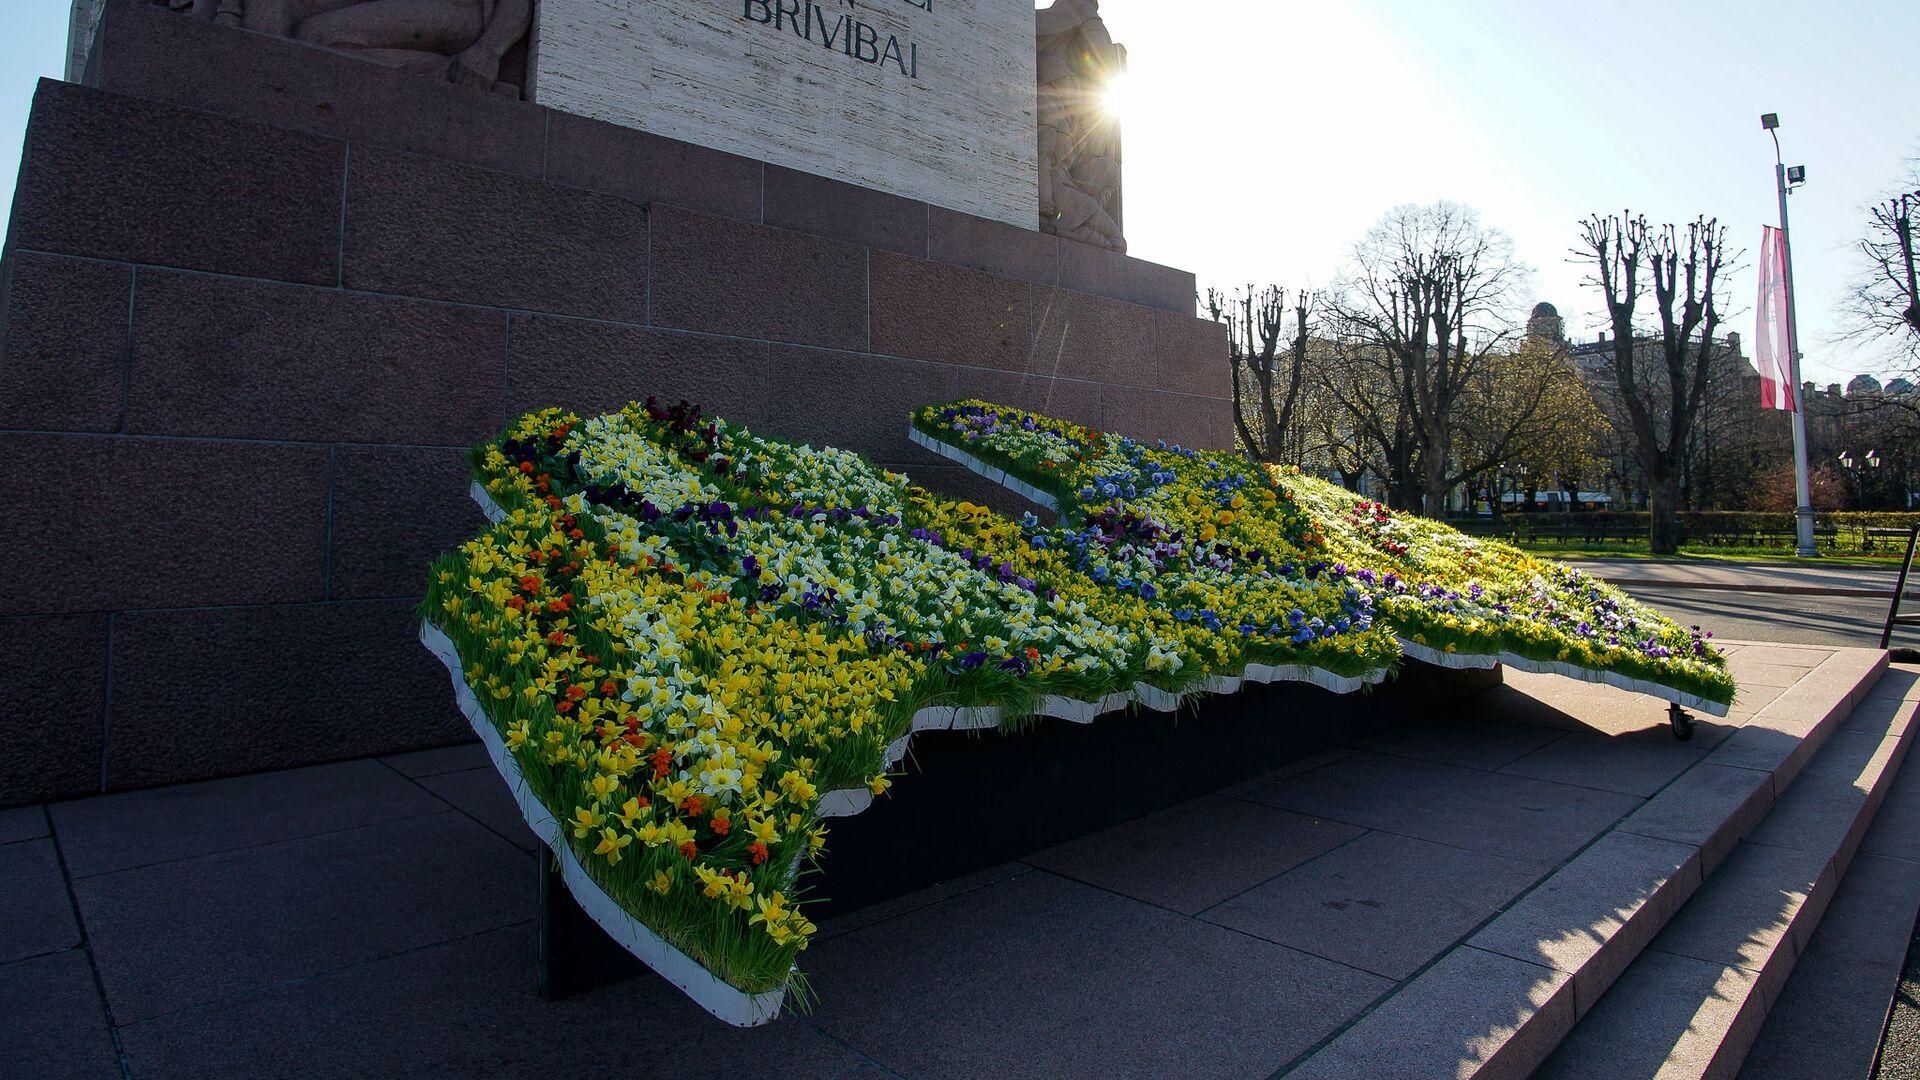 Карта Латвии из цветов у памятника Свободы в День восстановления независимости - Sputnik Латвия, 1920, 01.07.2021